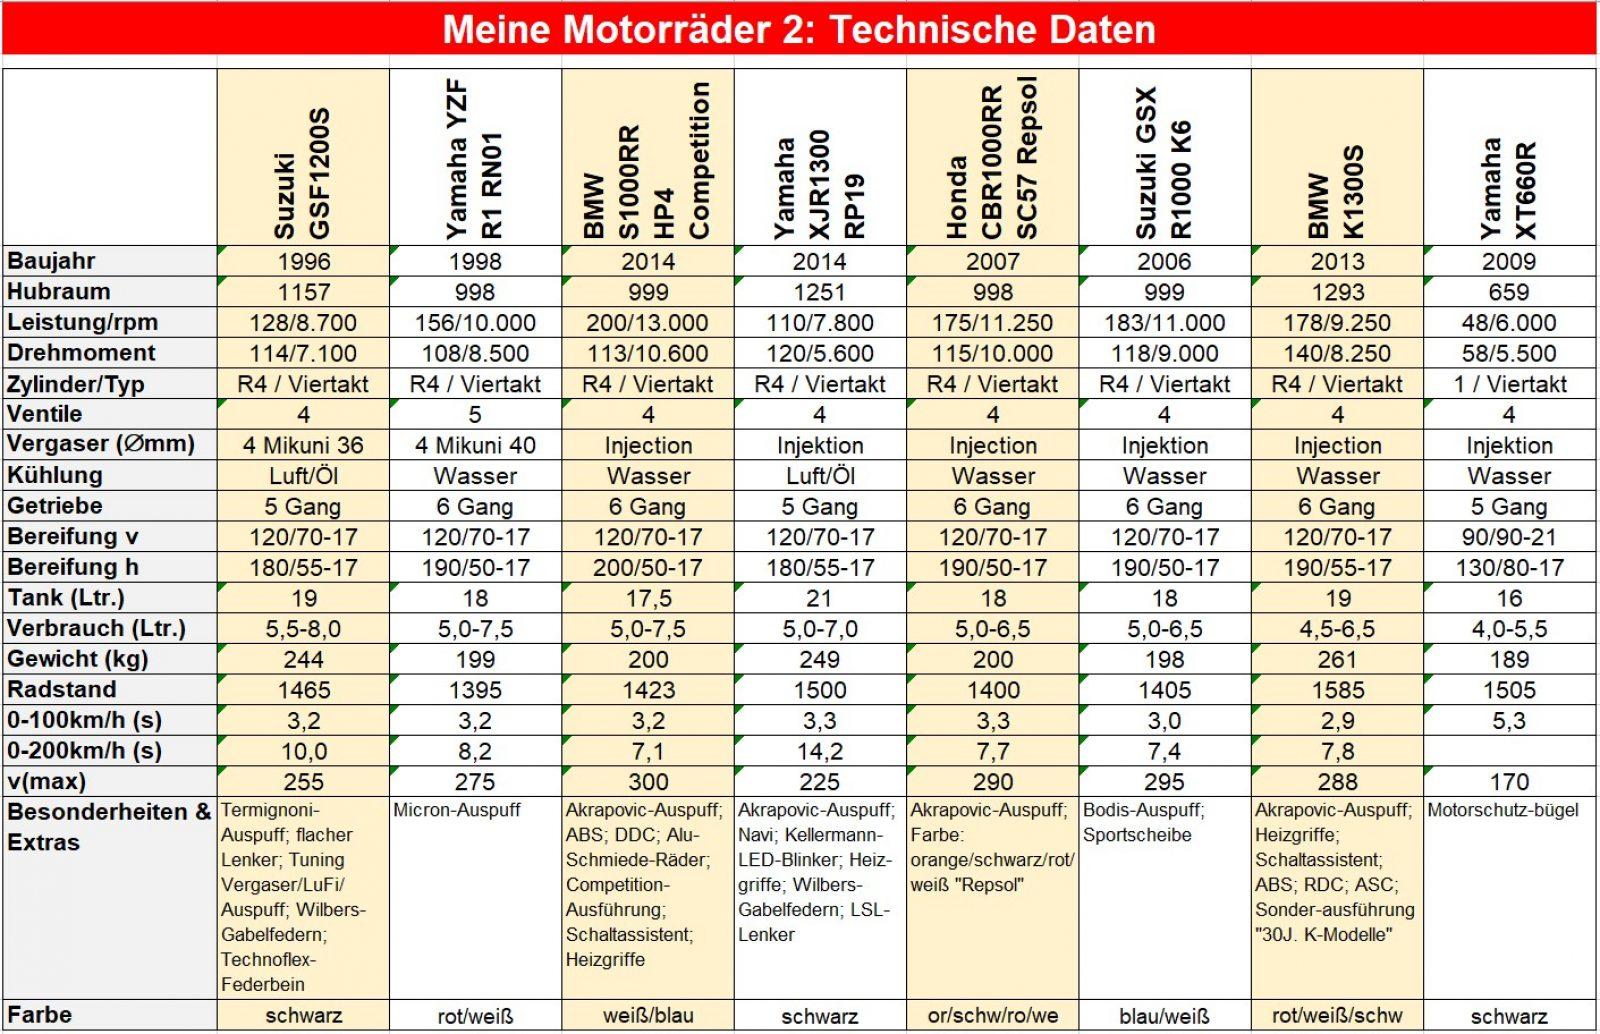 00 Technische Daten_S02